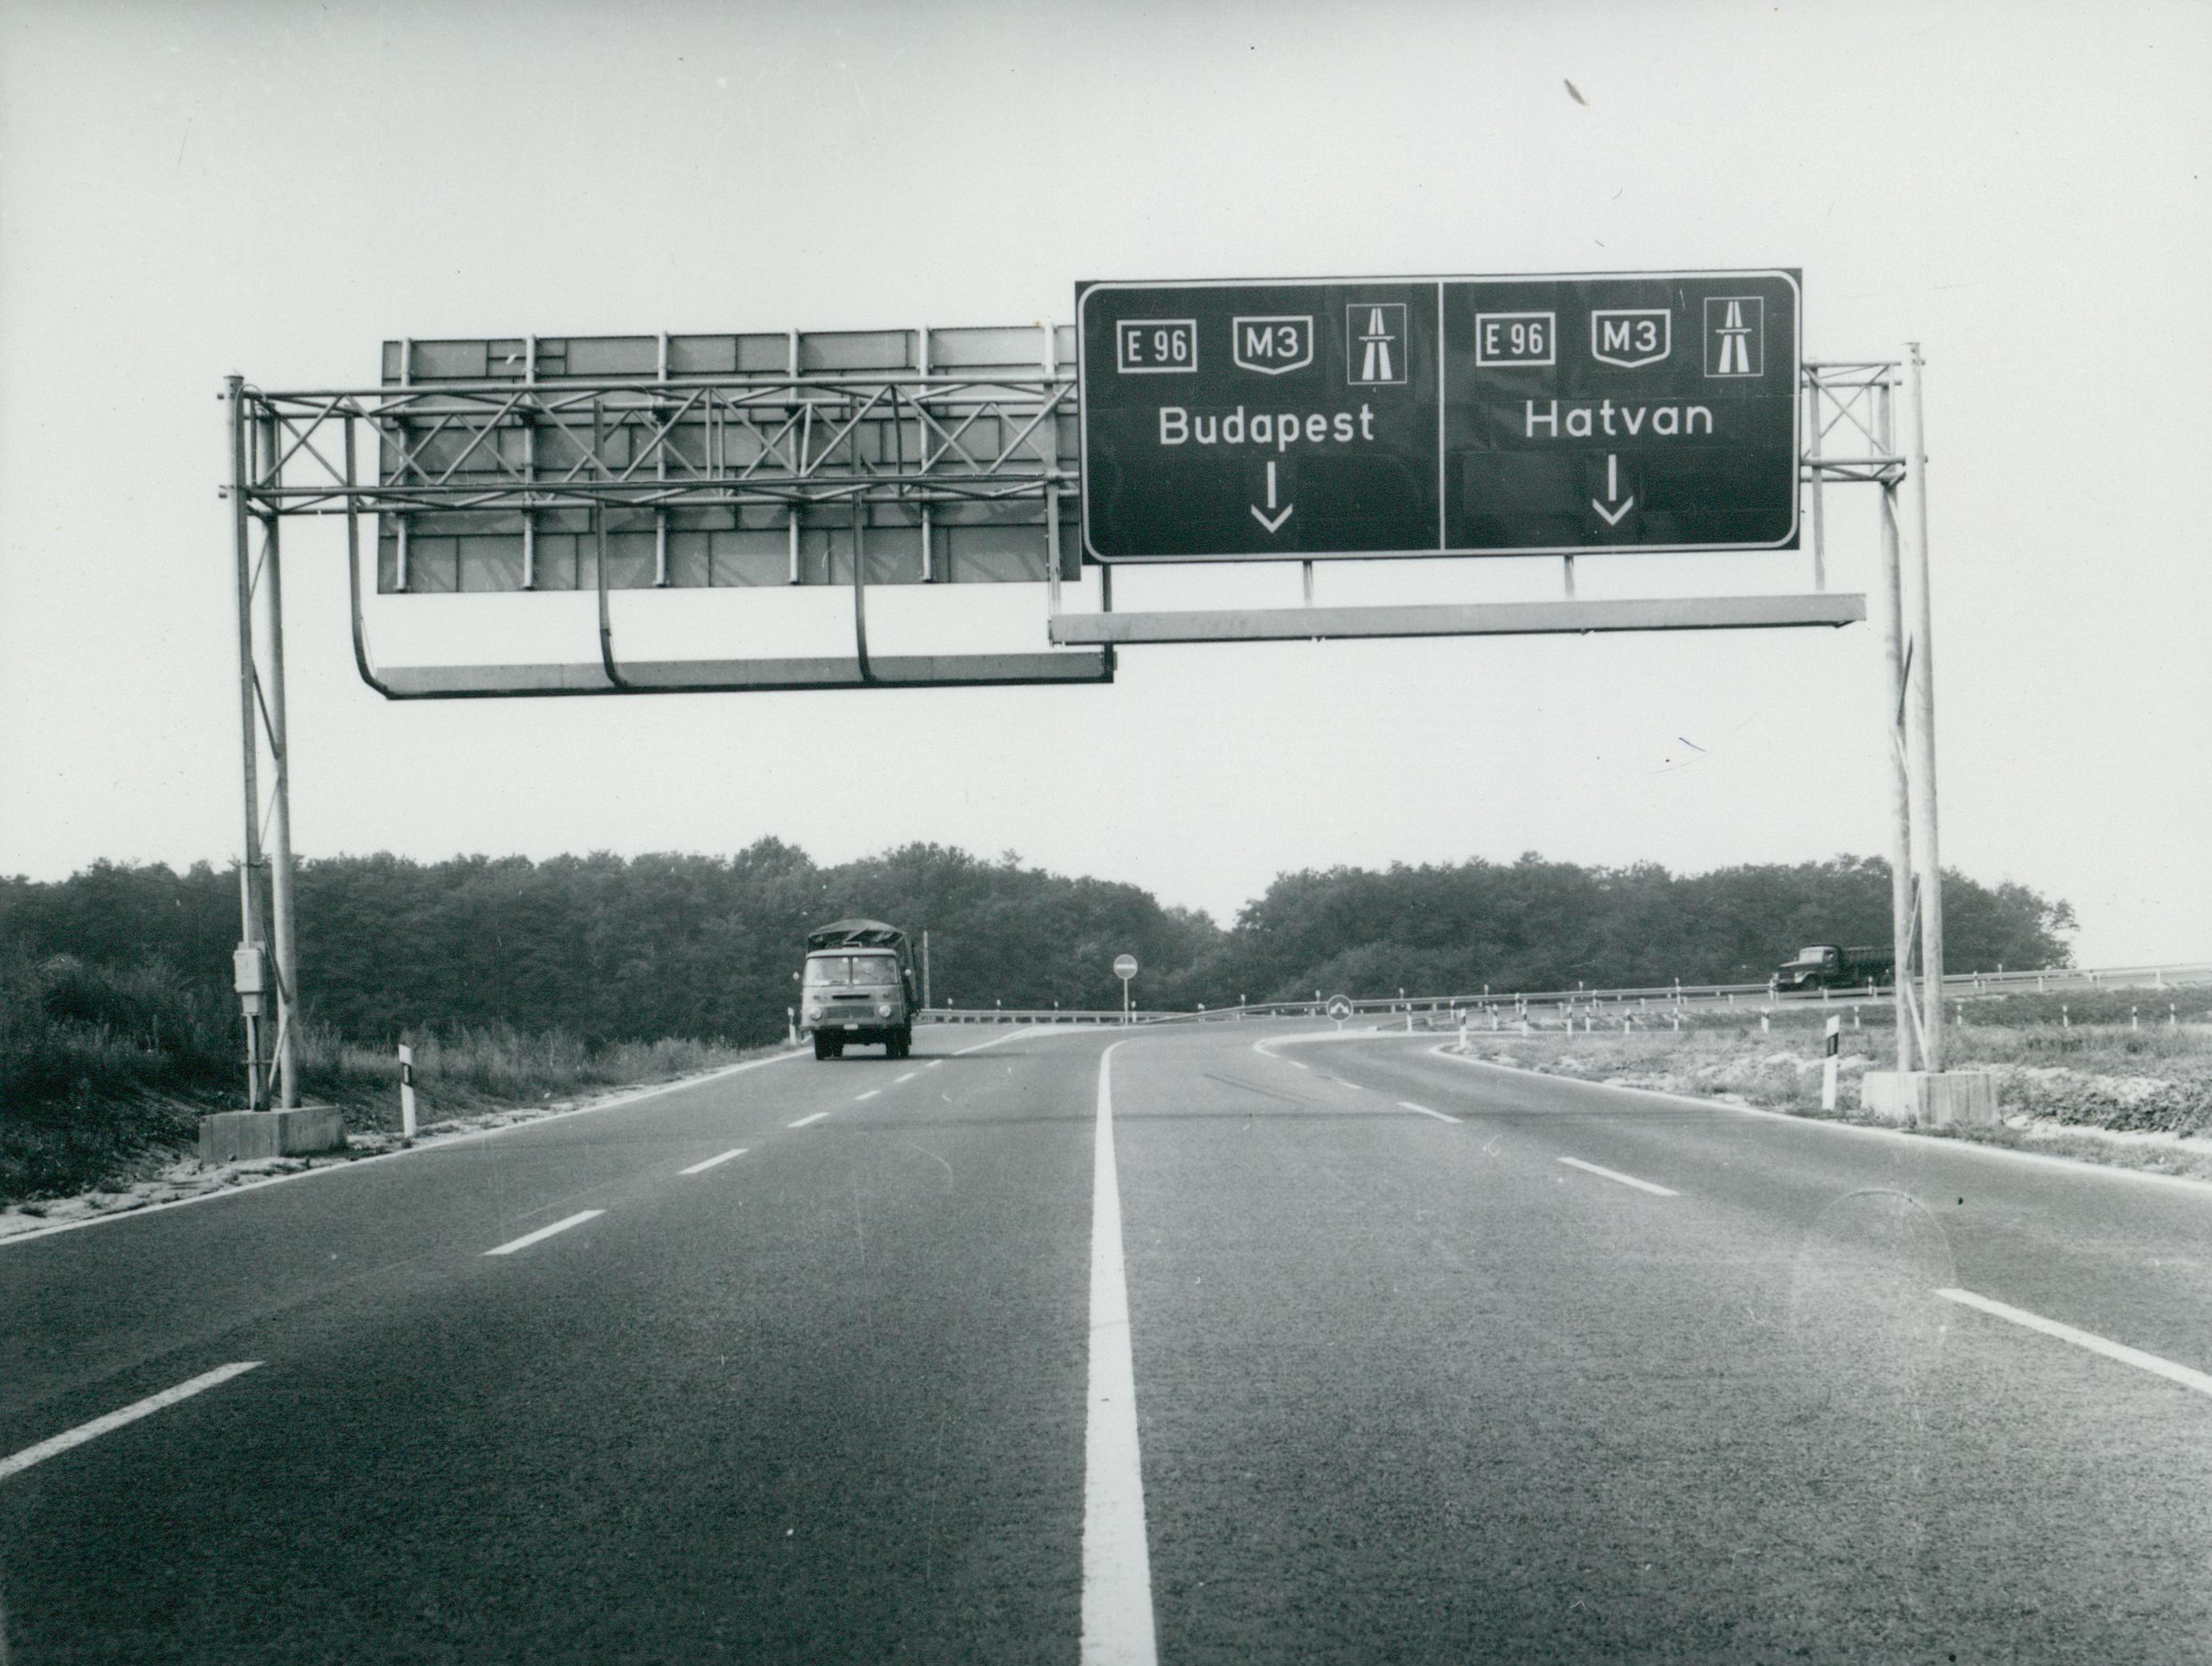 Az M3-as autópálya közúti jelzőtáblái